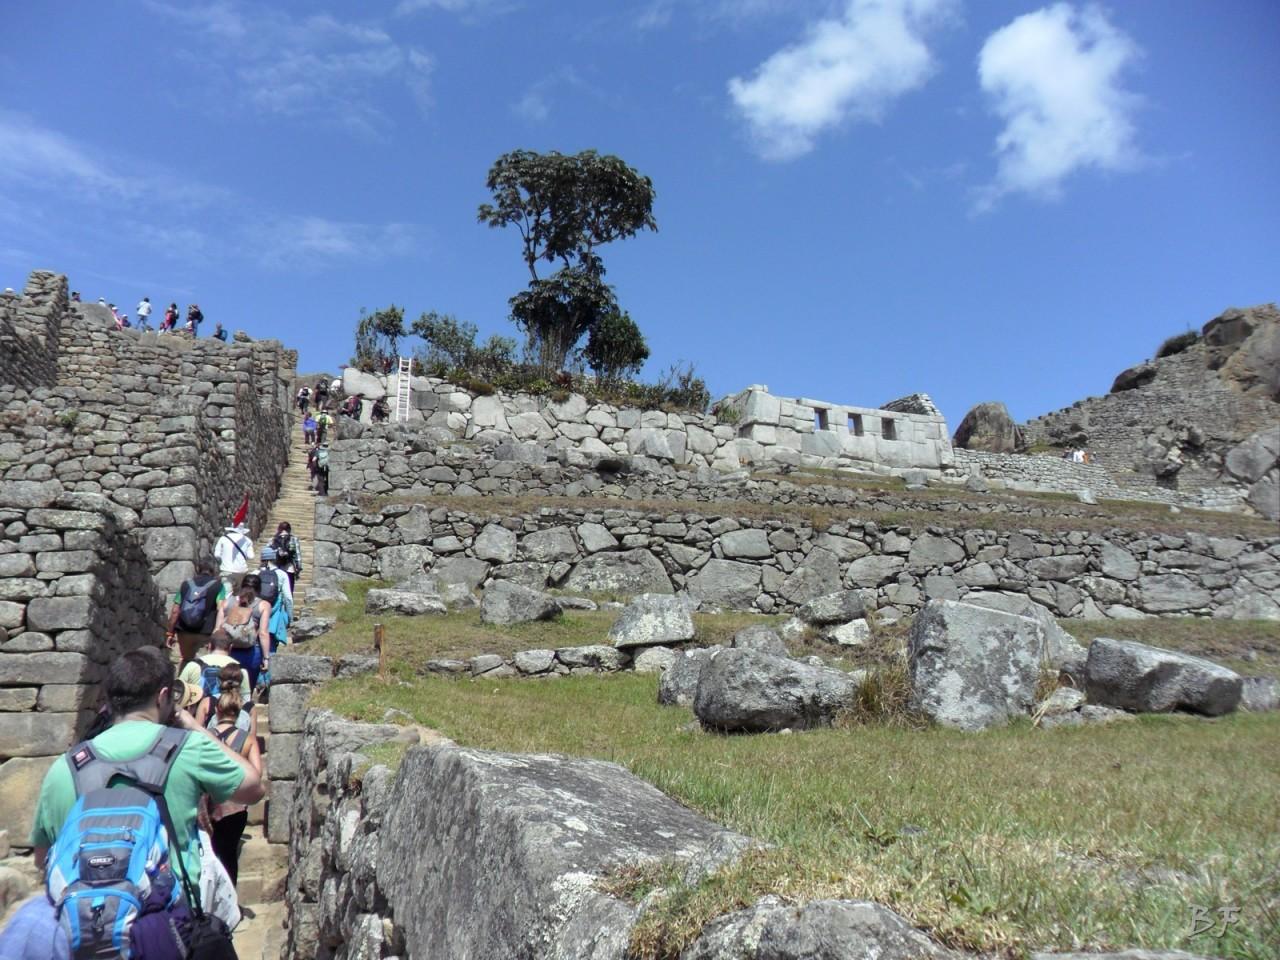 Mura-Poligonali-Incisioni-Altari-Edifici-Rupestri-Megaliti-Machu-Picchu-Aguas-Calientes-Urubamba-Cusco-Perù-49